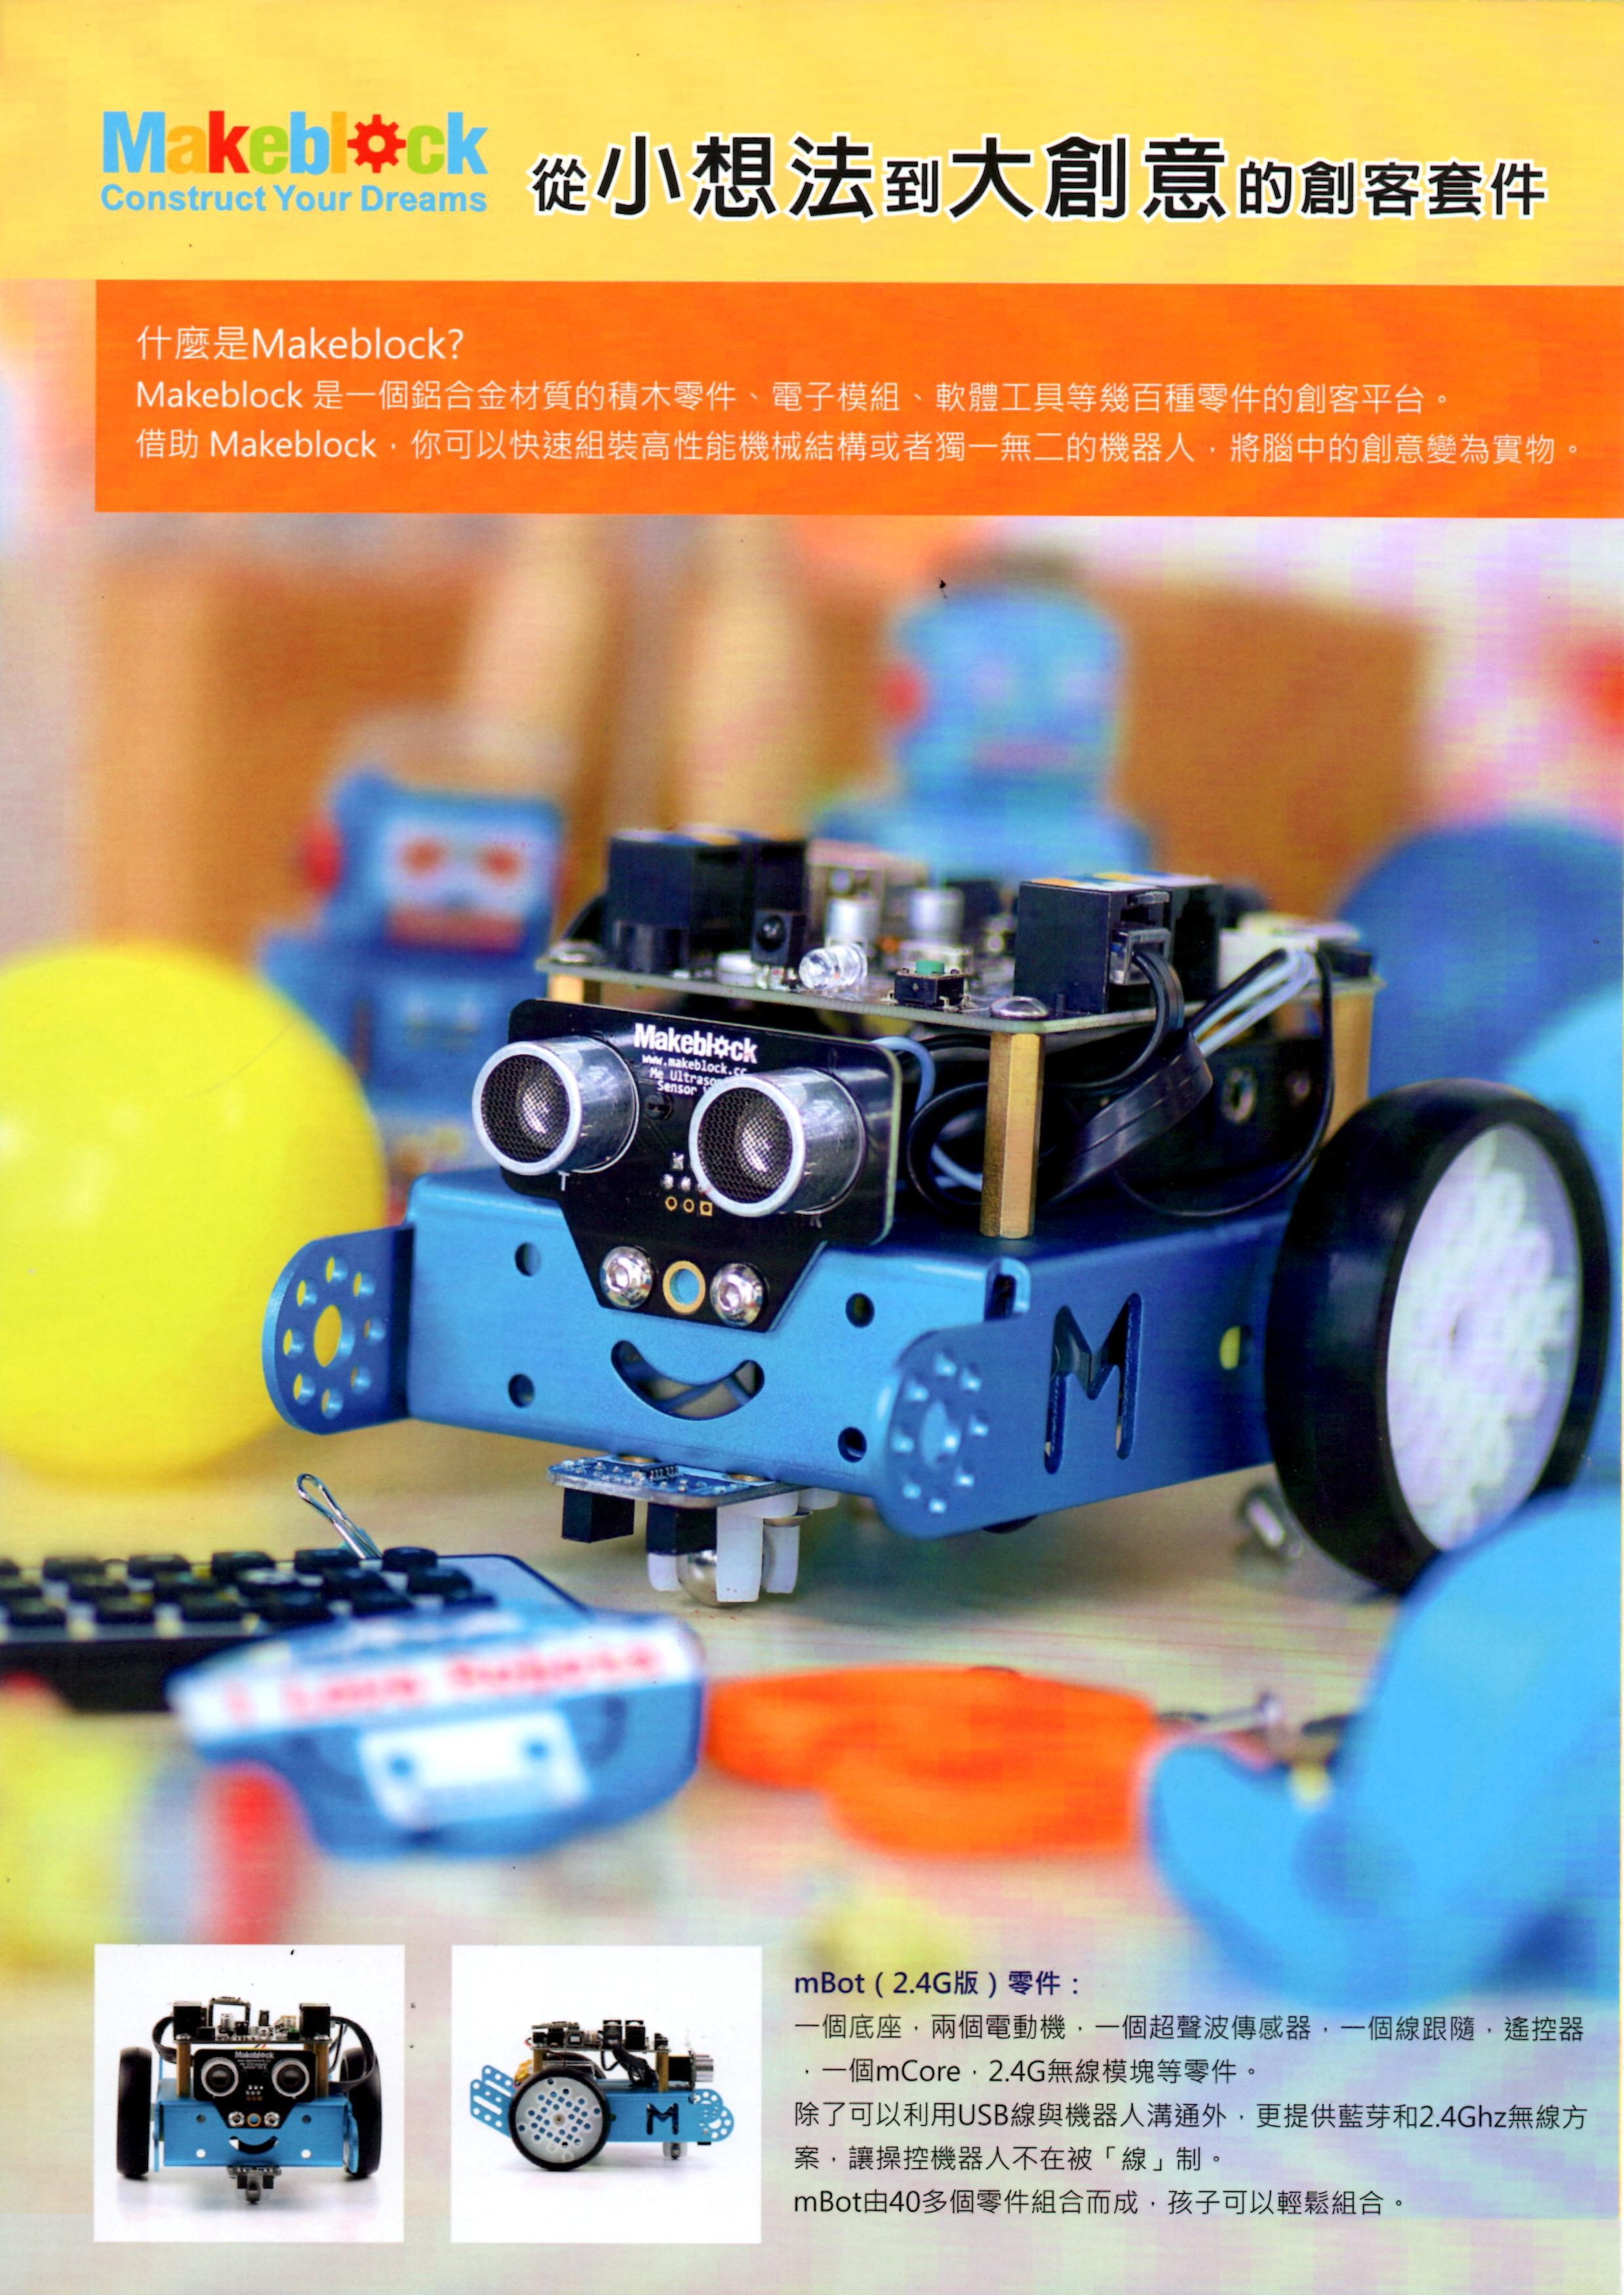 機器人專區-MBOT 方案-Mbot 機器人程式教育